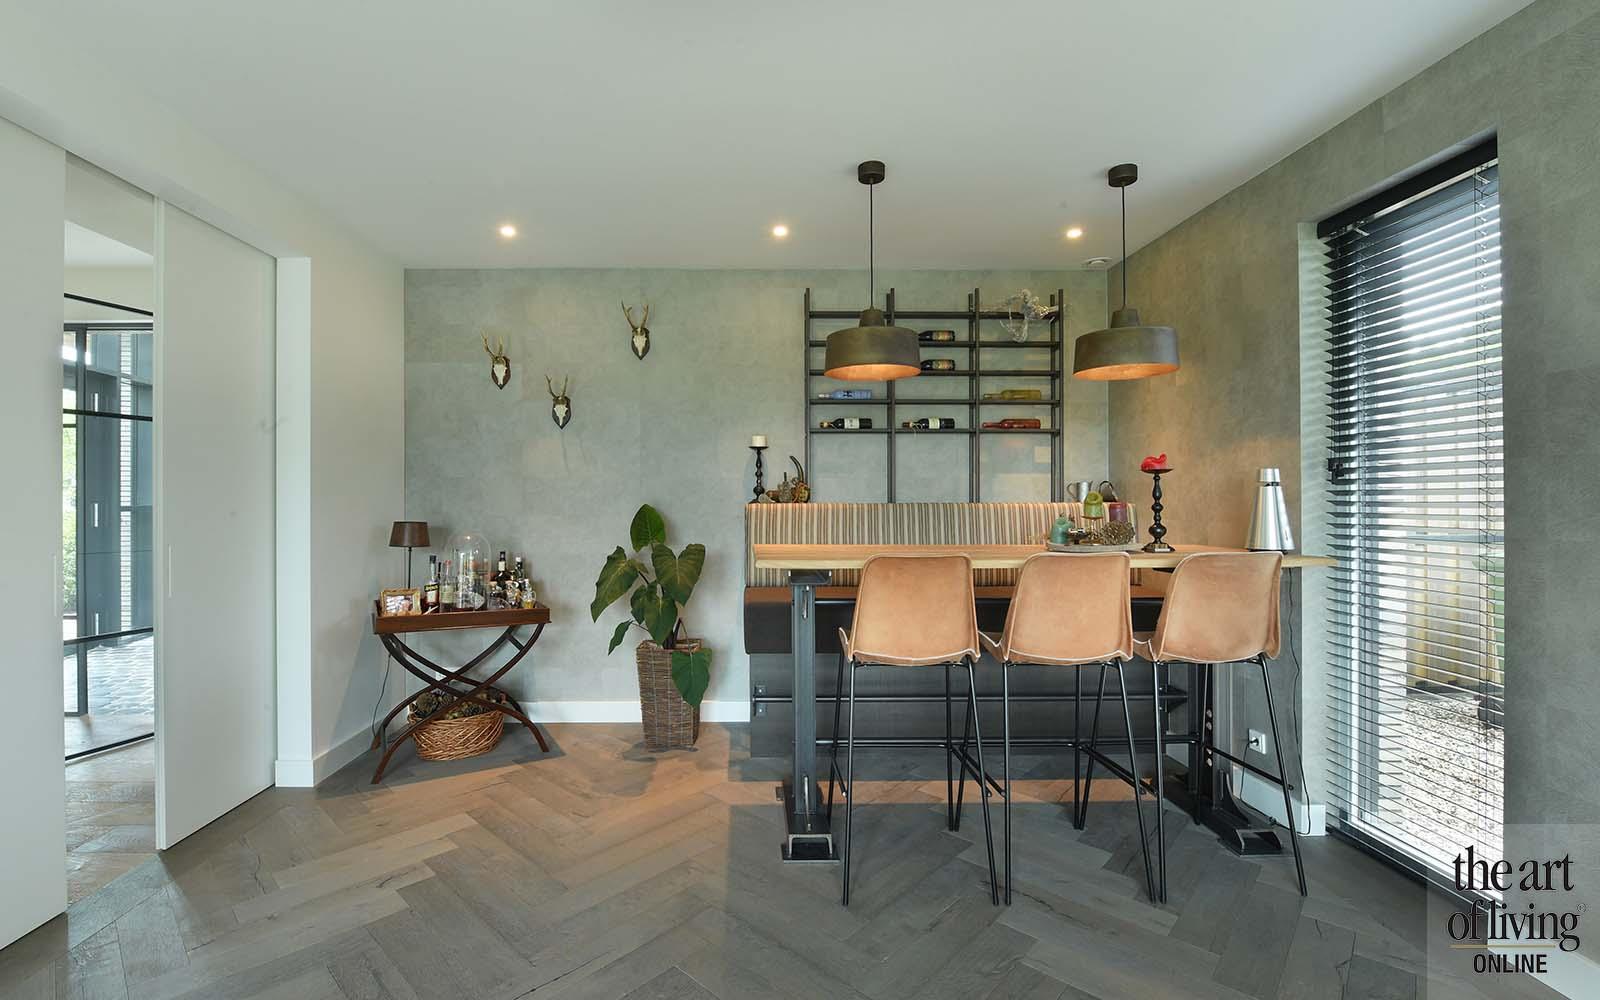 warm interieur   antonissen interieurbouw, the art of living